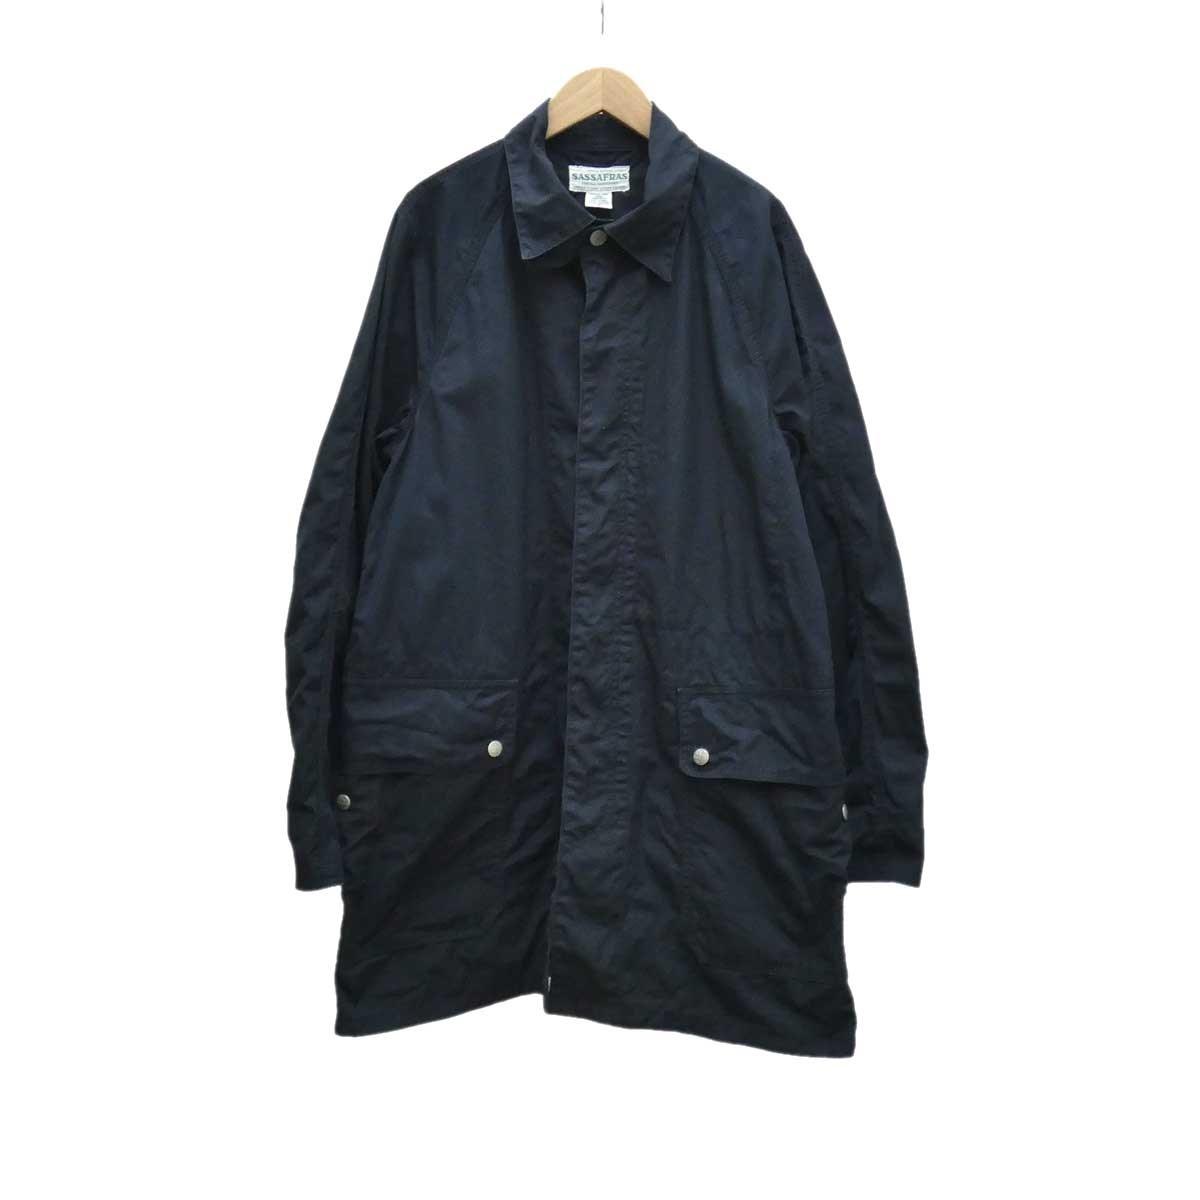 【中古】SASSAFRAS Fall Leaf Coat ネイビー サイズ:S 【040520】(ササフラス)